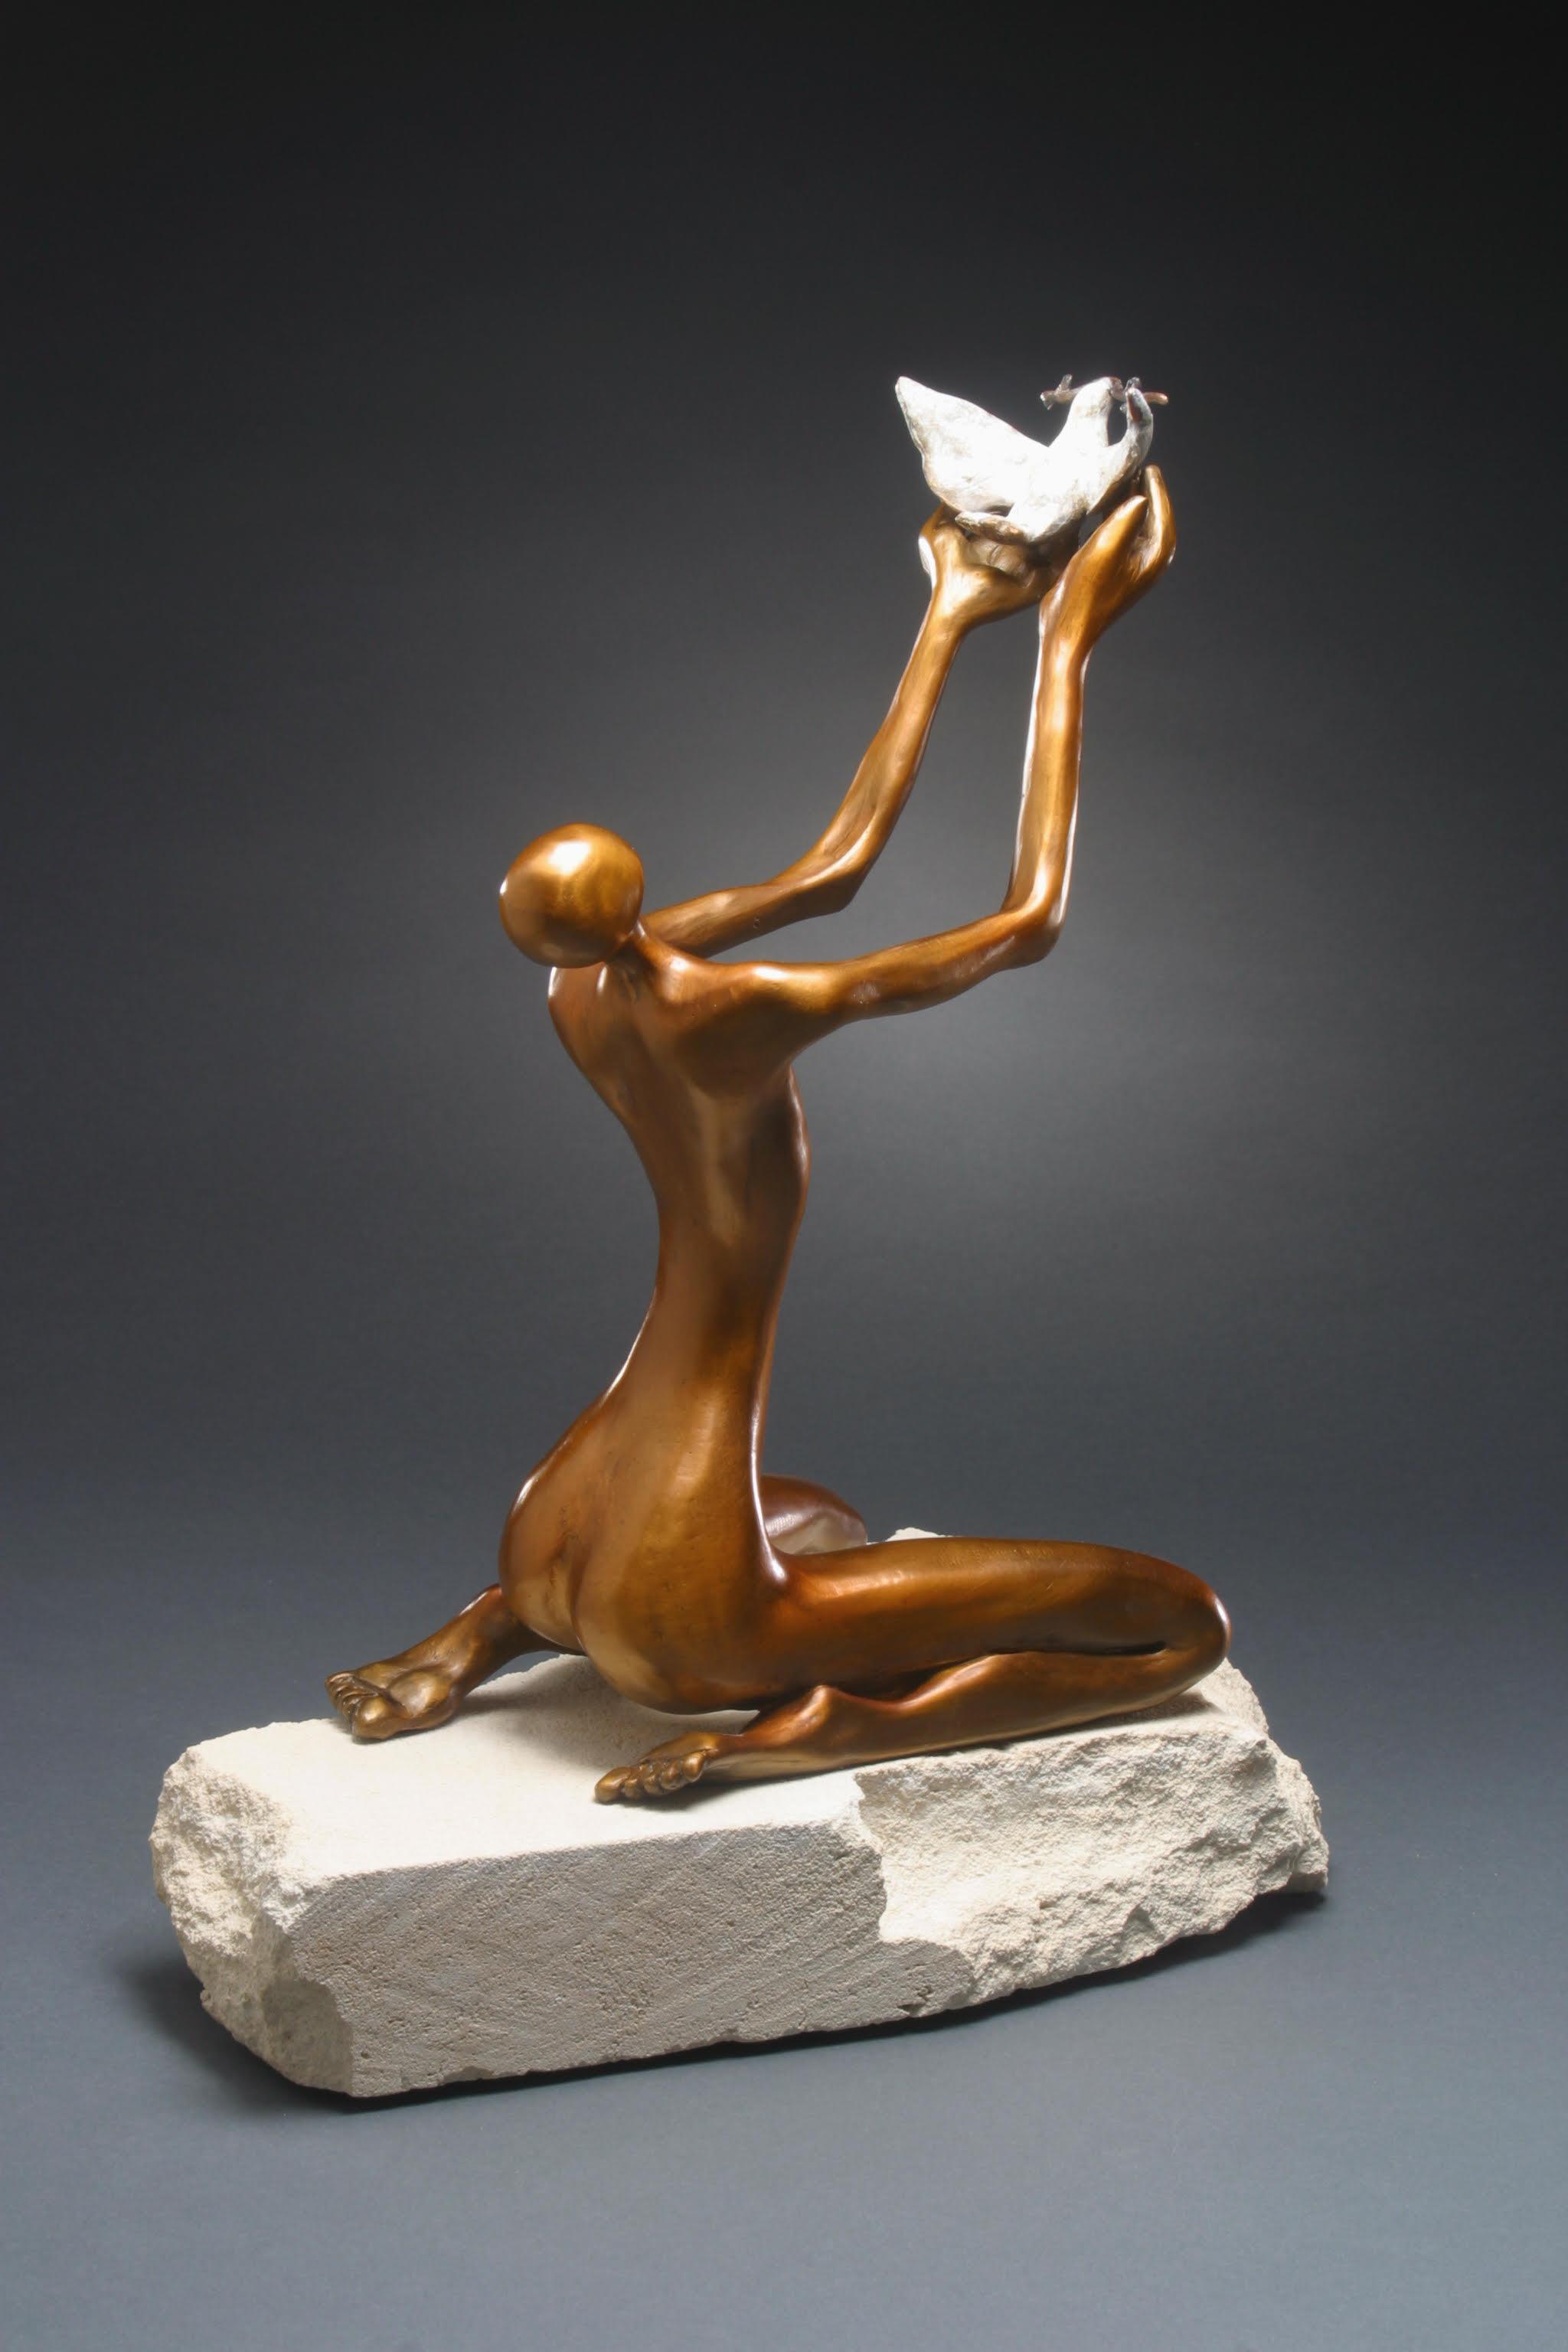 - Offering (15x8x12) Bronze $3200